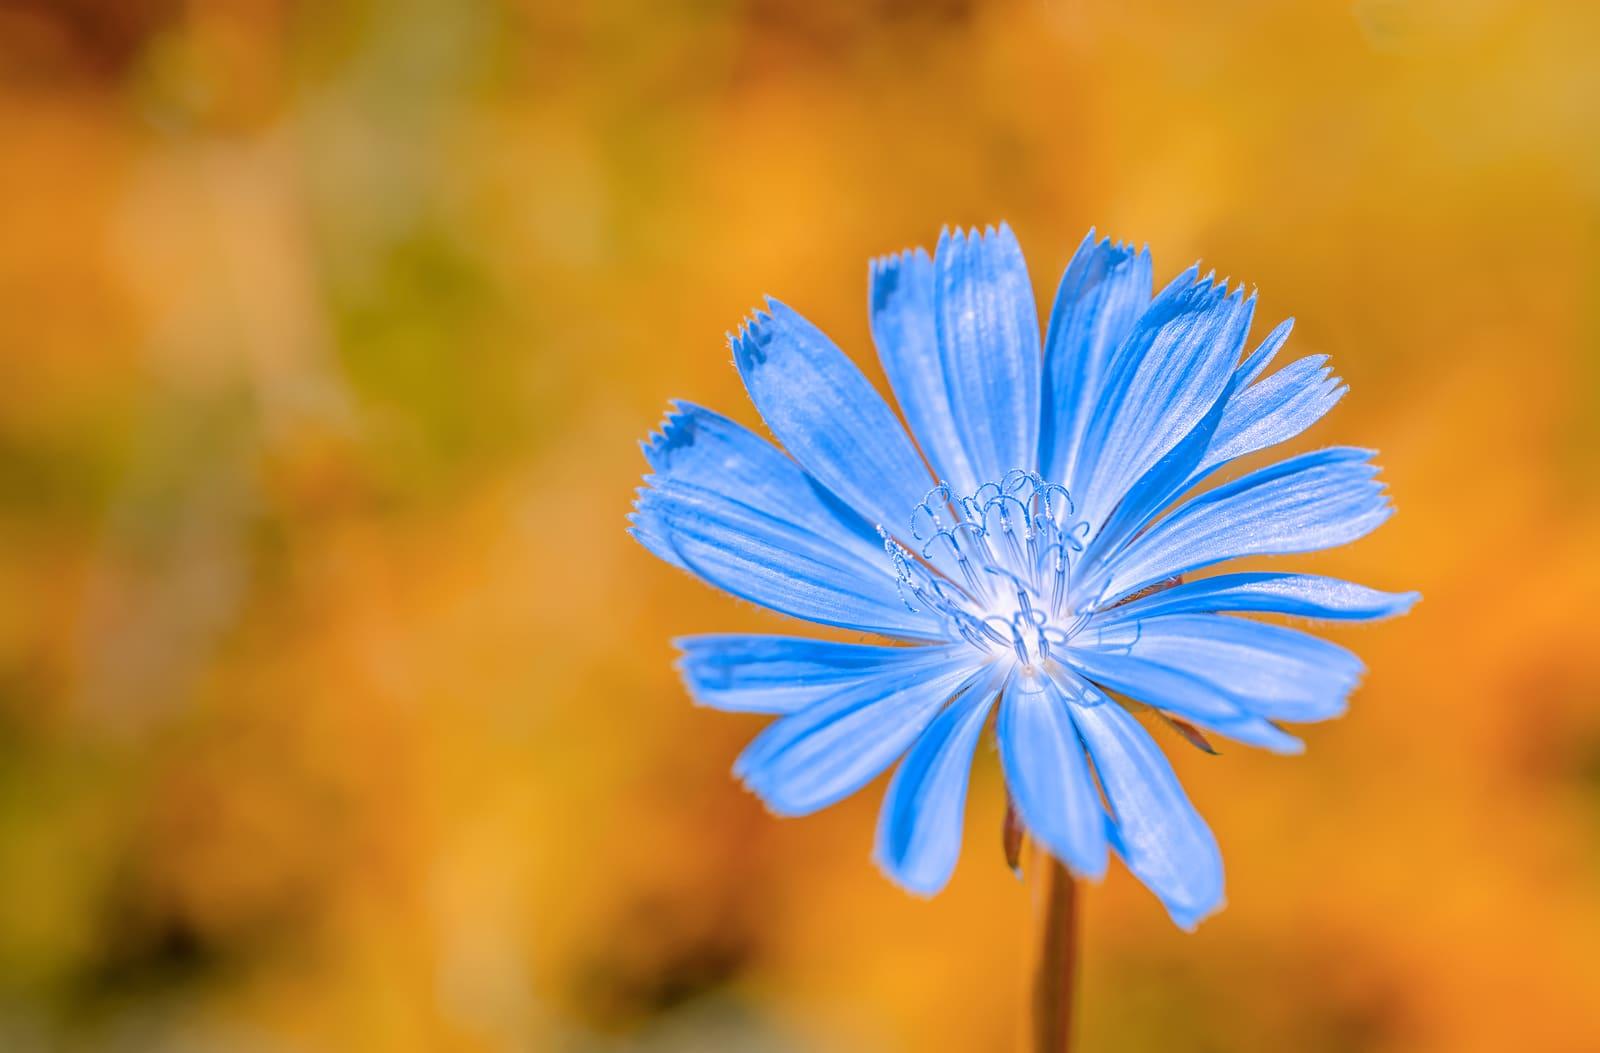 beautiful wild plant blue chicory flower on orange fantastic background close up